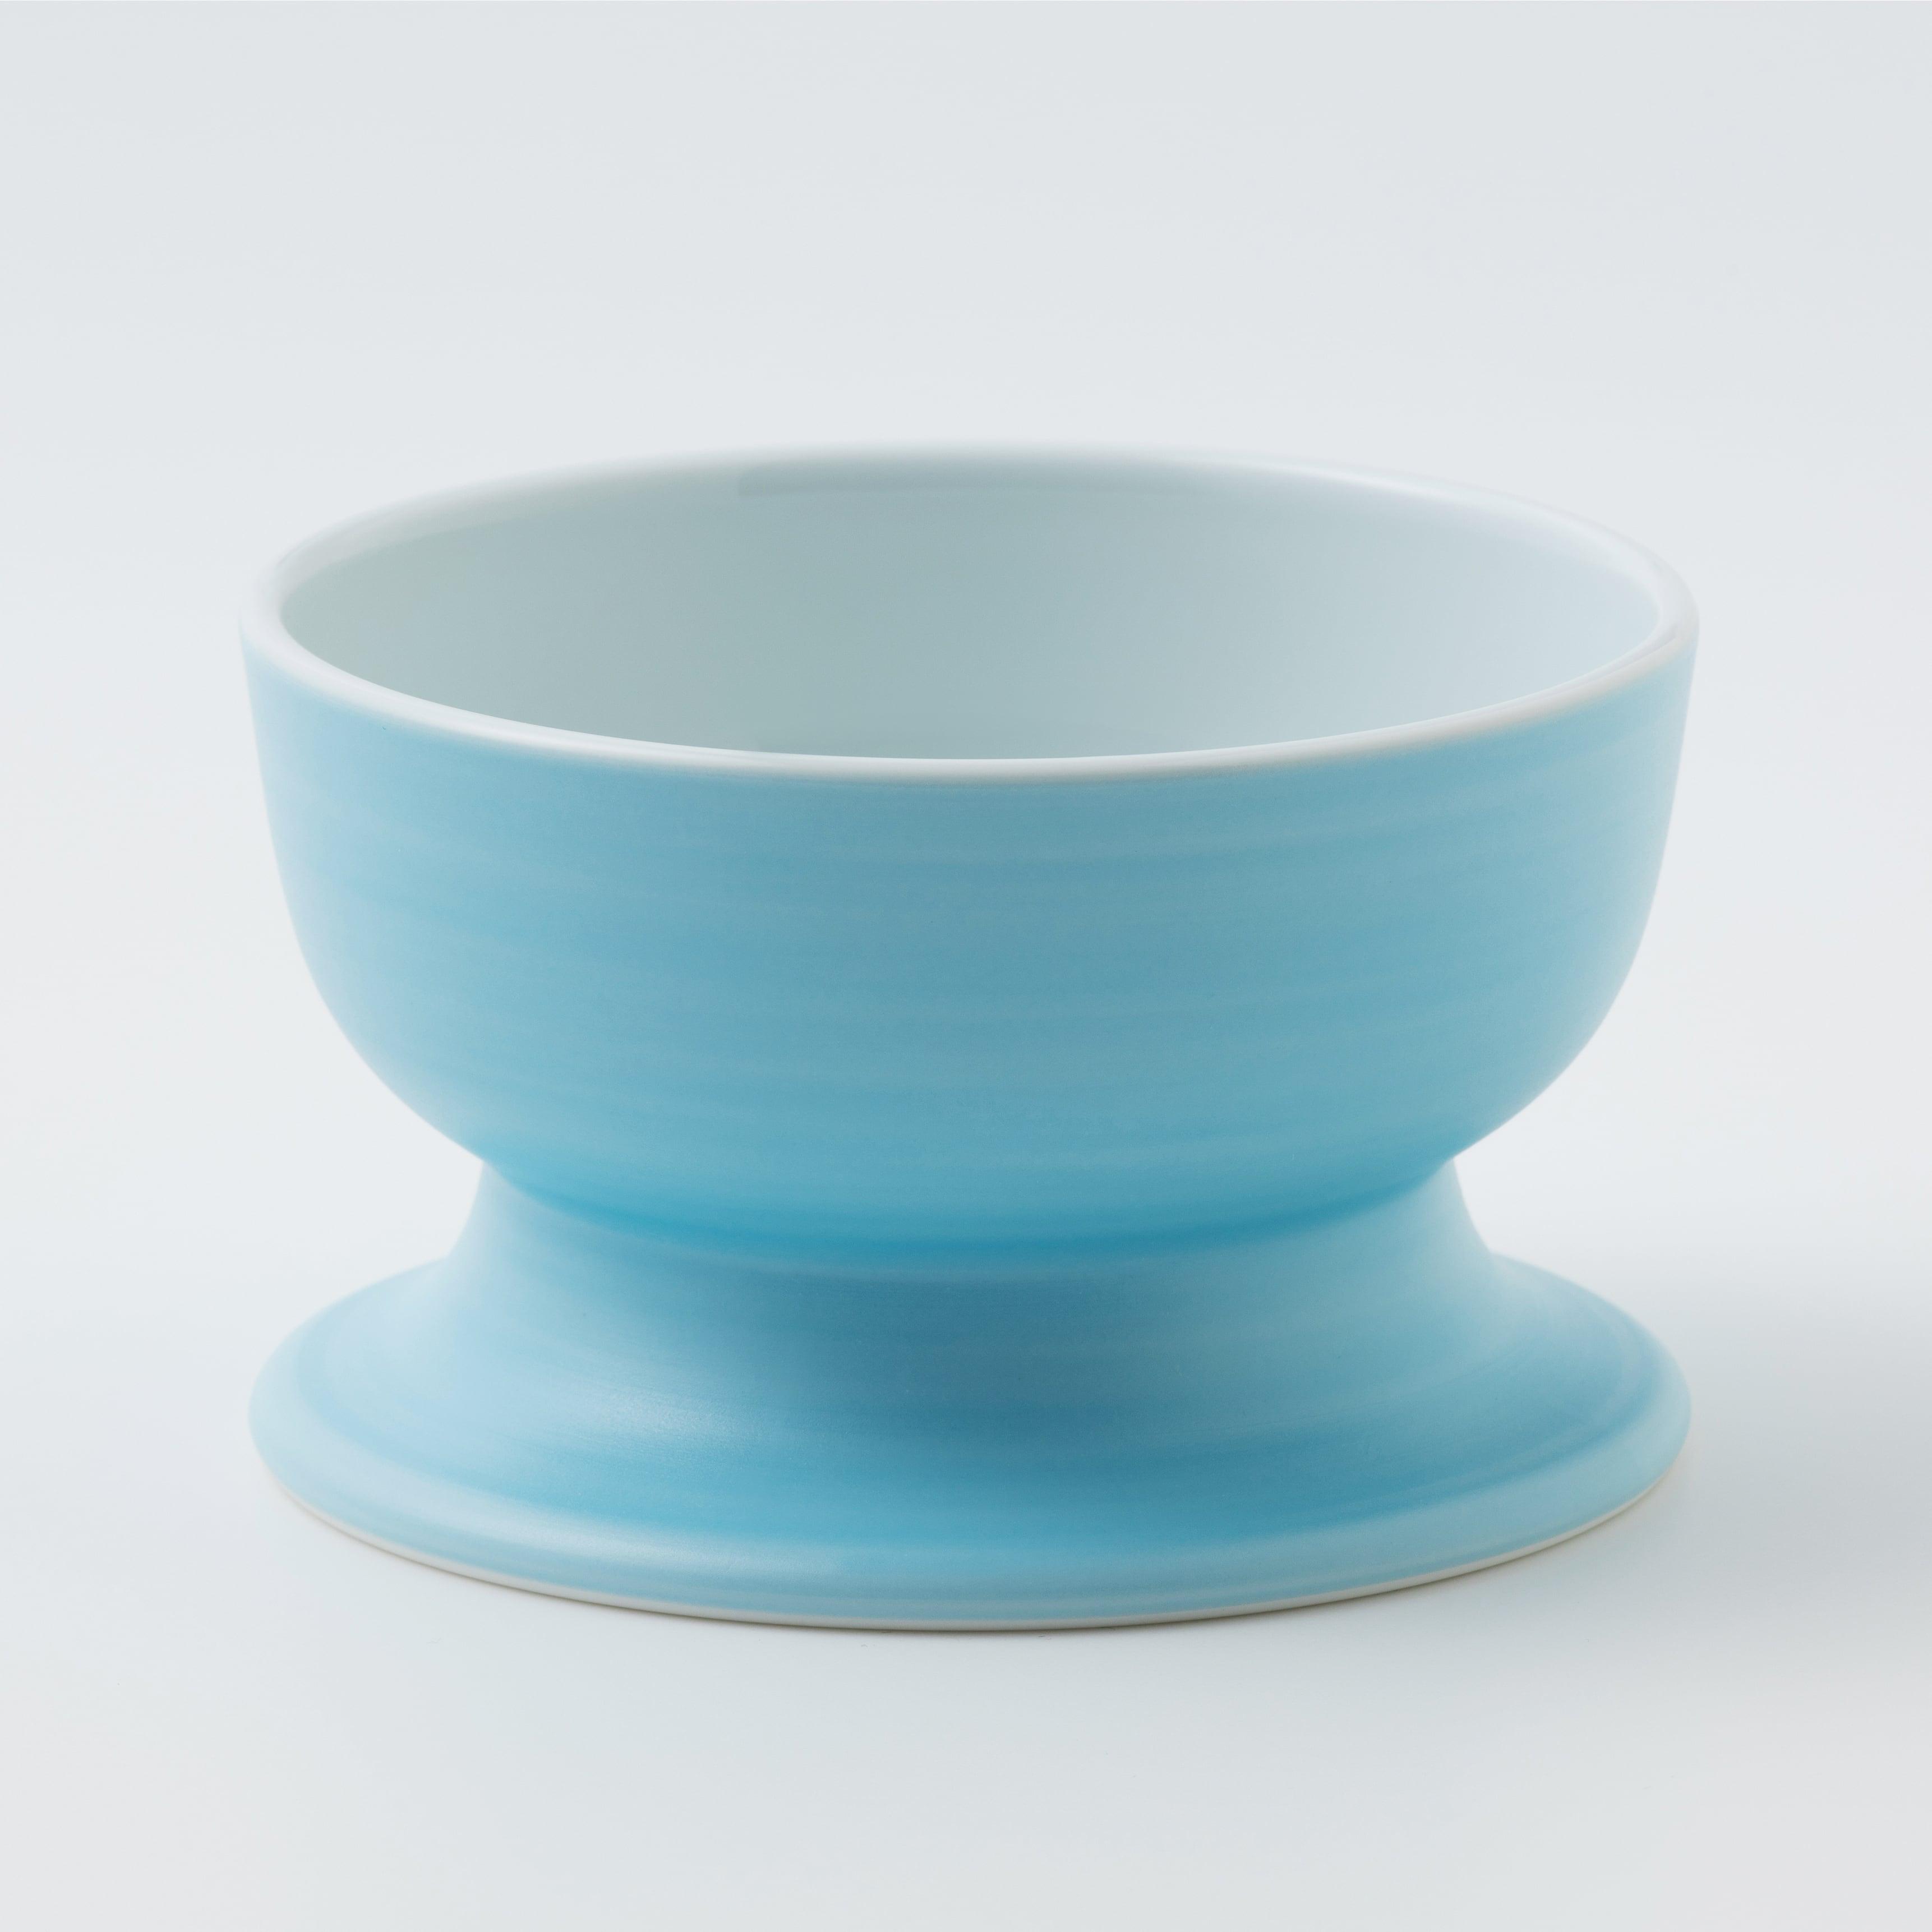 有田焼【聖(セント)】スカイ ロータイプ(水用)製造:アリタポーセリンラボ